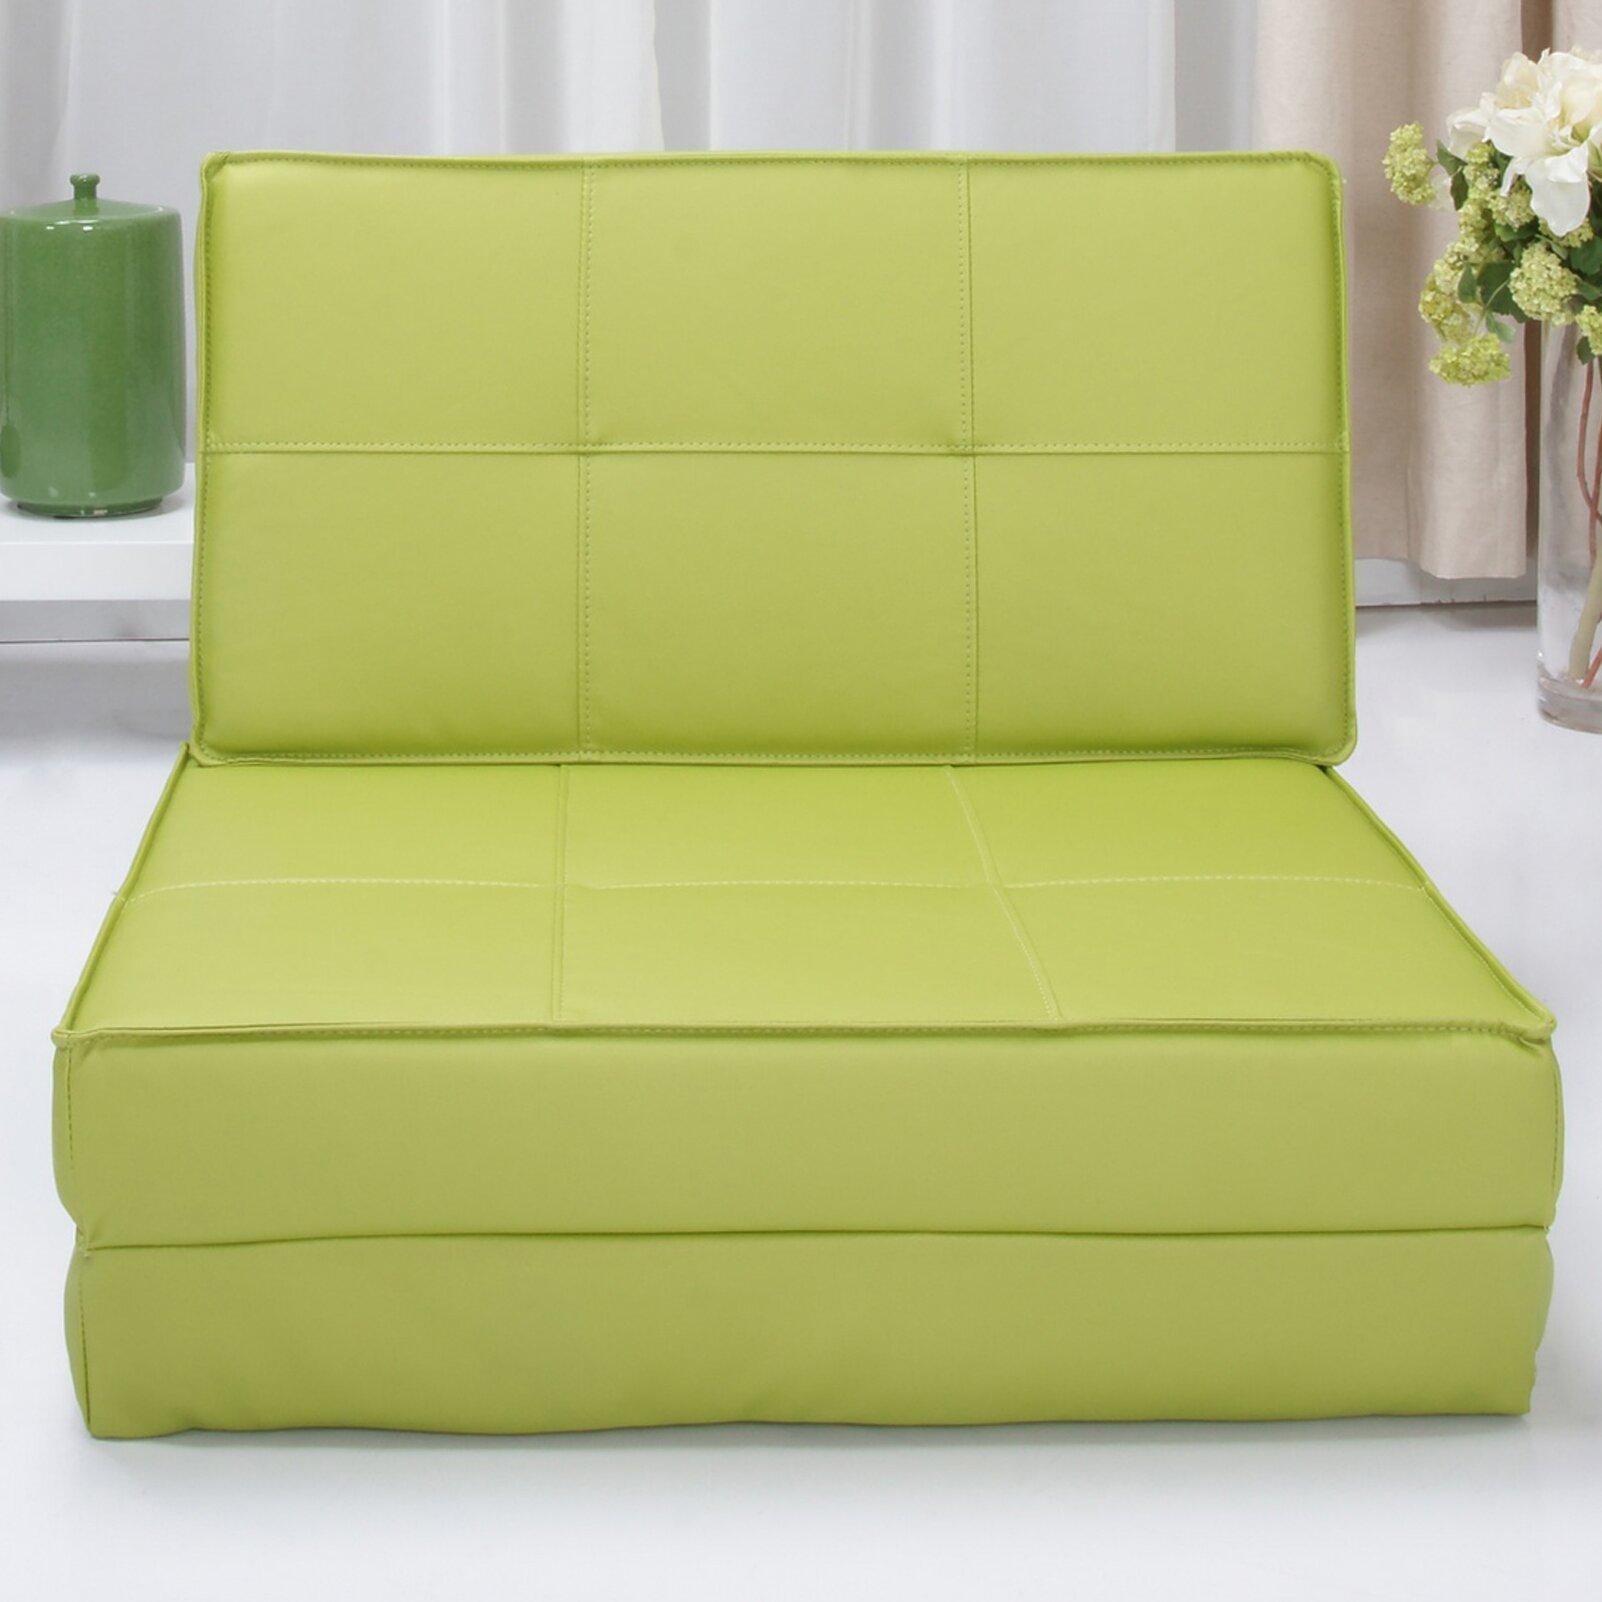 Zipcode Design Peter Convertible Chair Bed Reviews – Convertible Chair Sleeper Bed